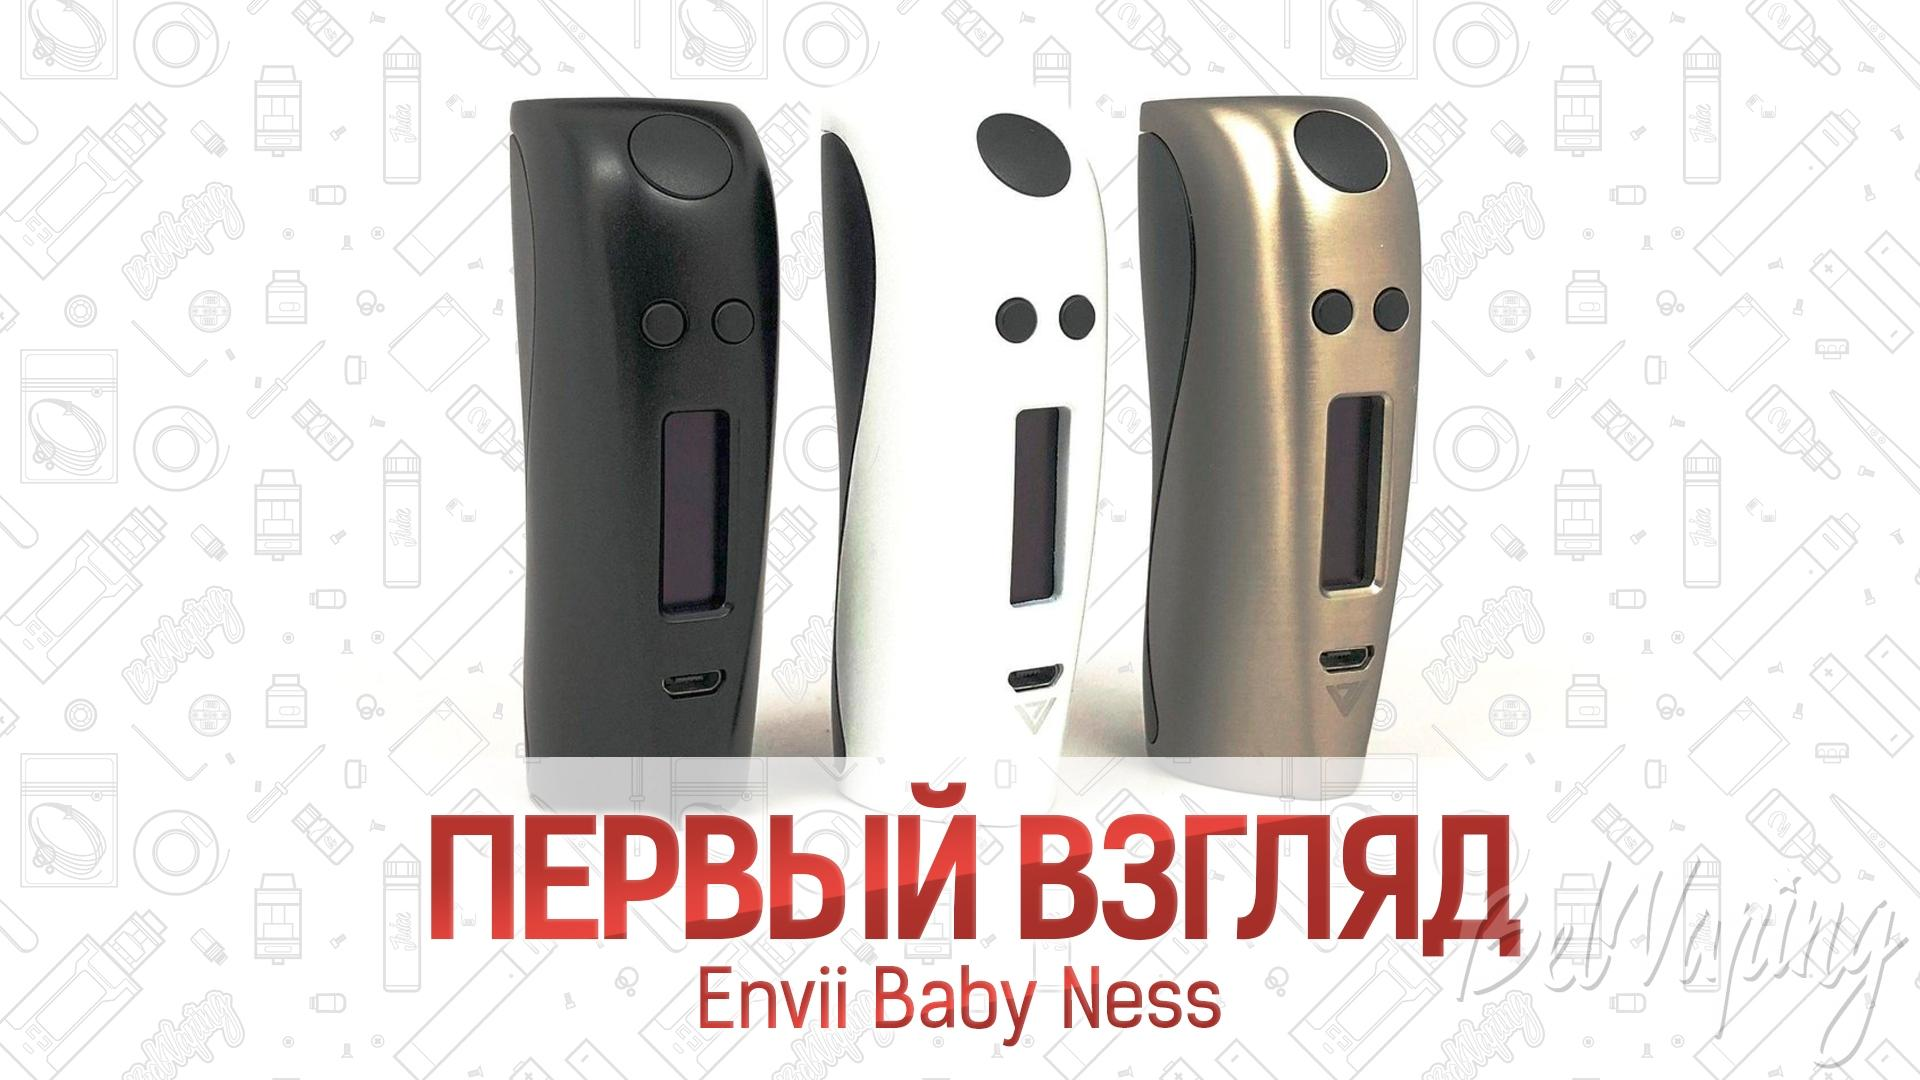 Envii Baby Ness. Первый взгляд